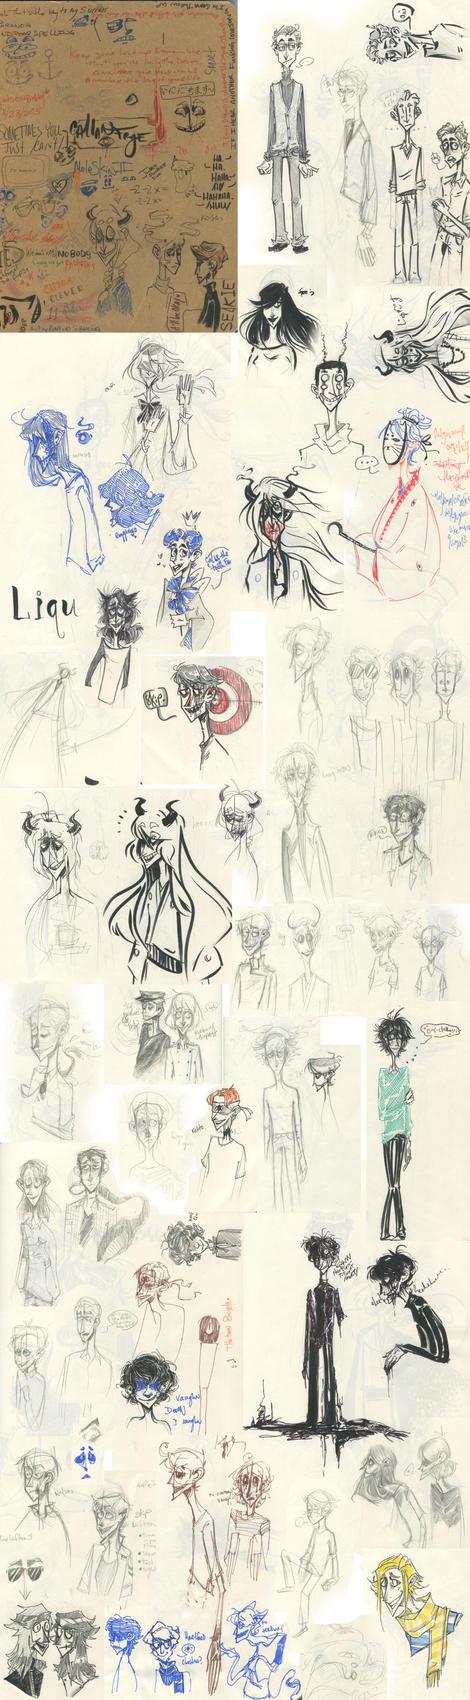 Sketchdump 1 by Crayn